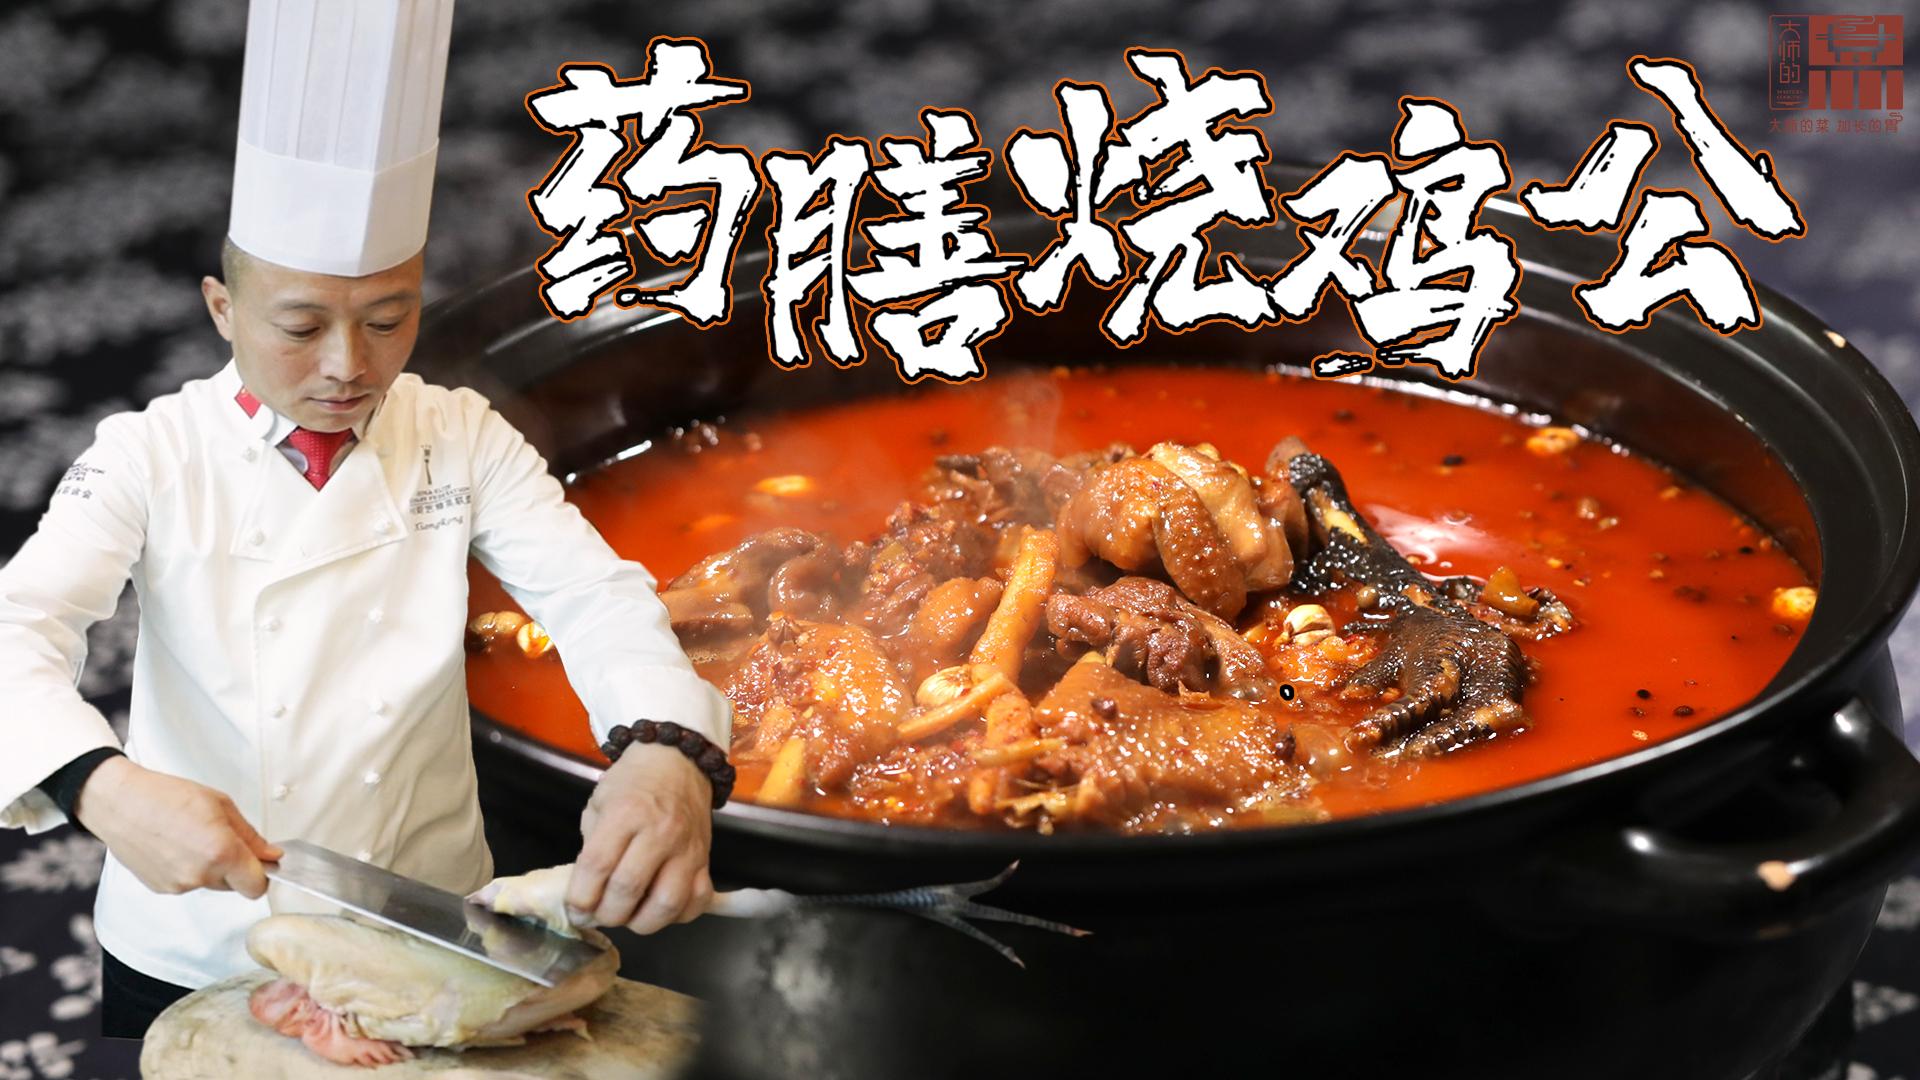 """【大师的菜·药膳烧鸡公】火遍大江南北的""""烧鸡公"""",药材入菜,一口入魂!"""